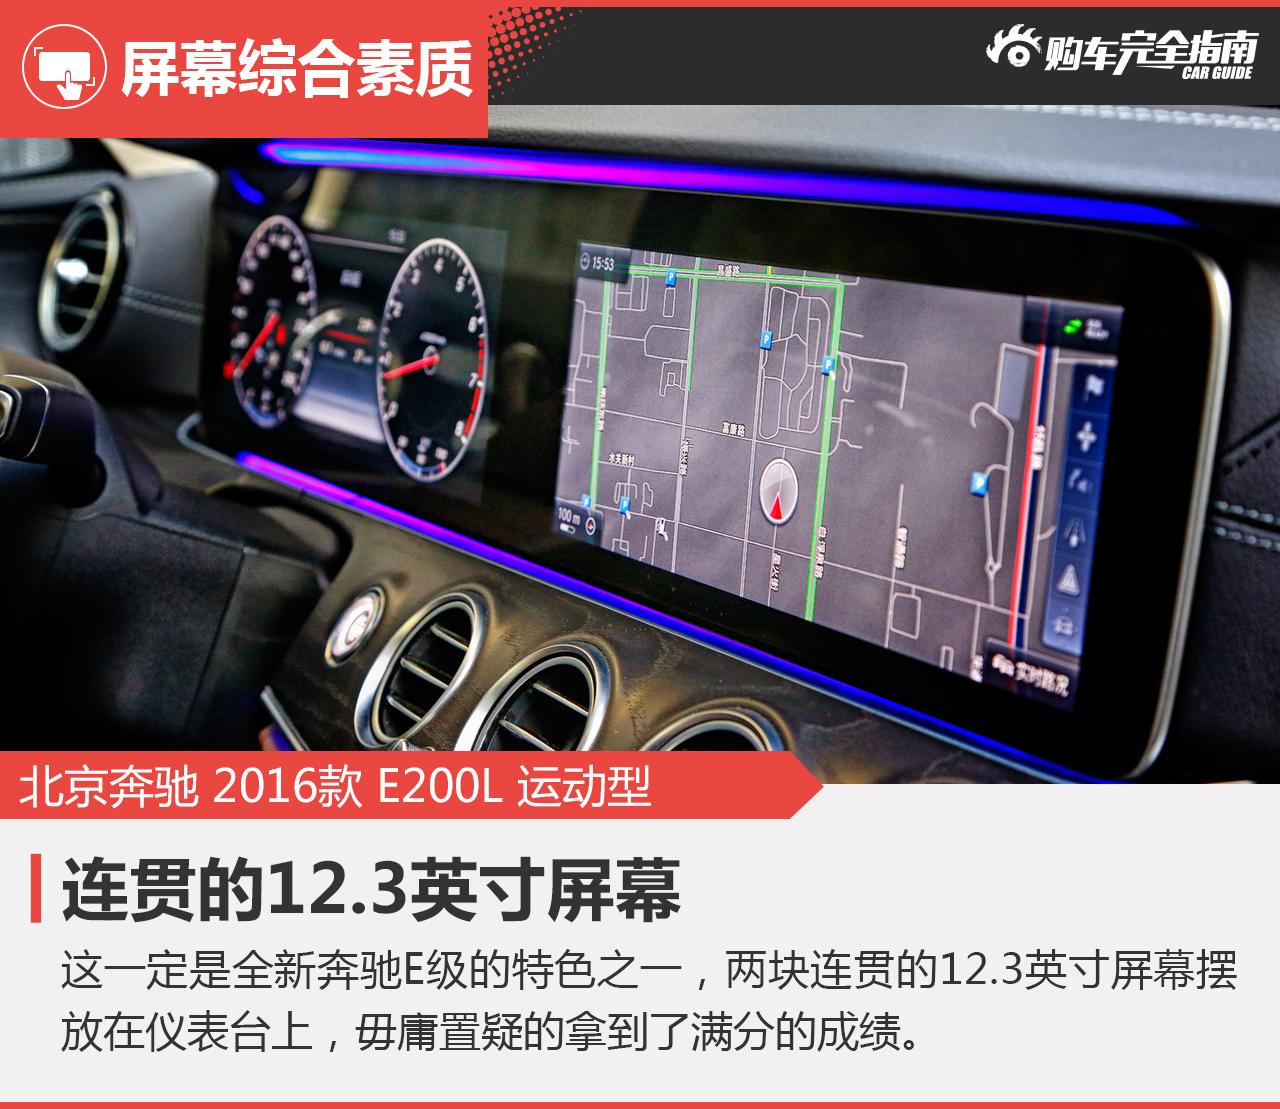 北京奔驰2016款E200L